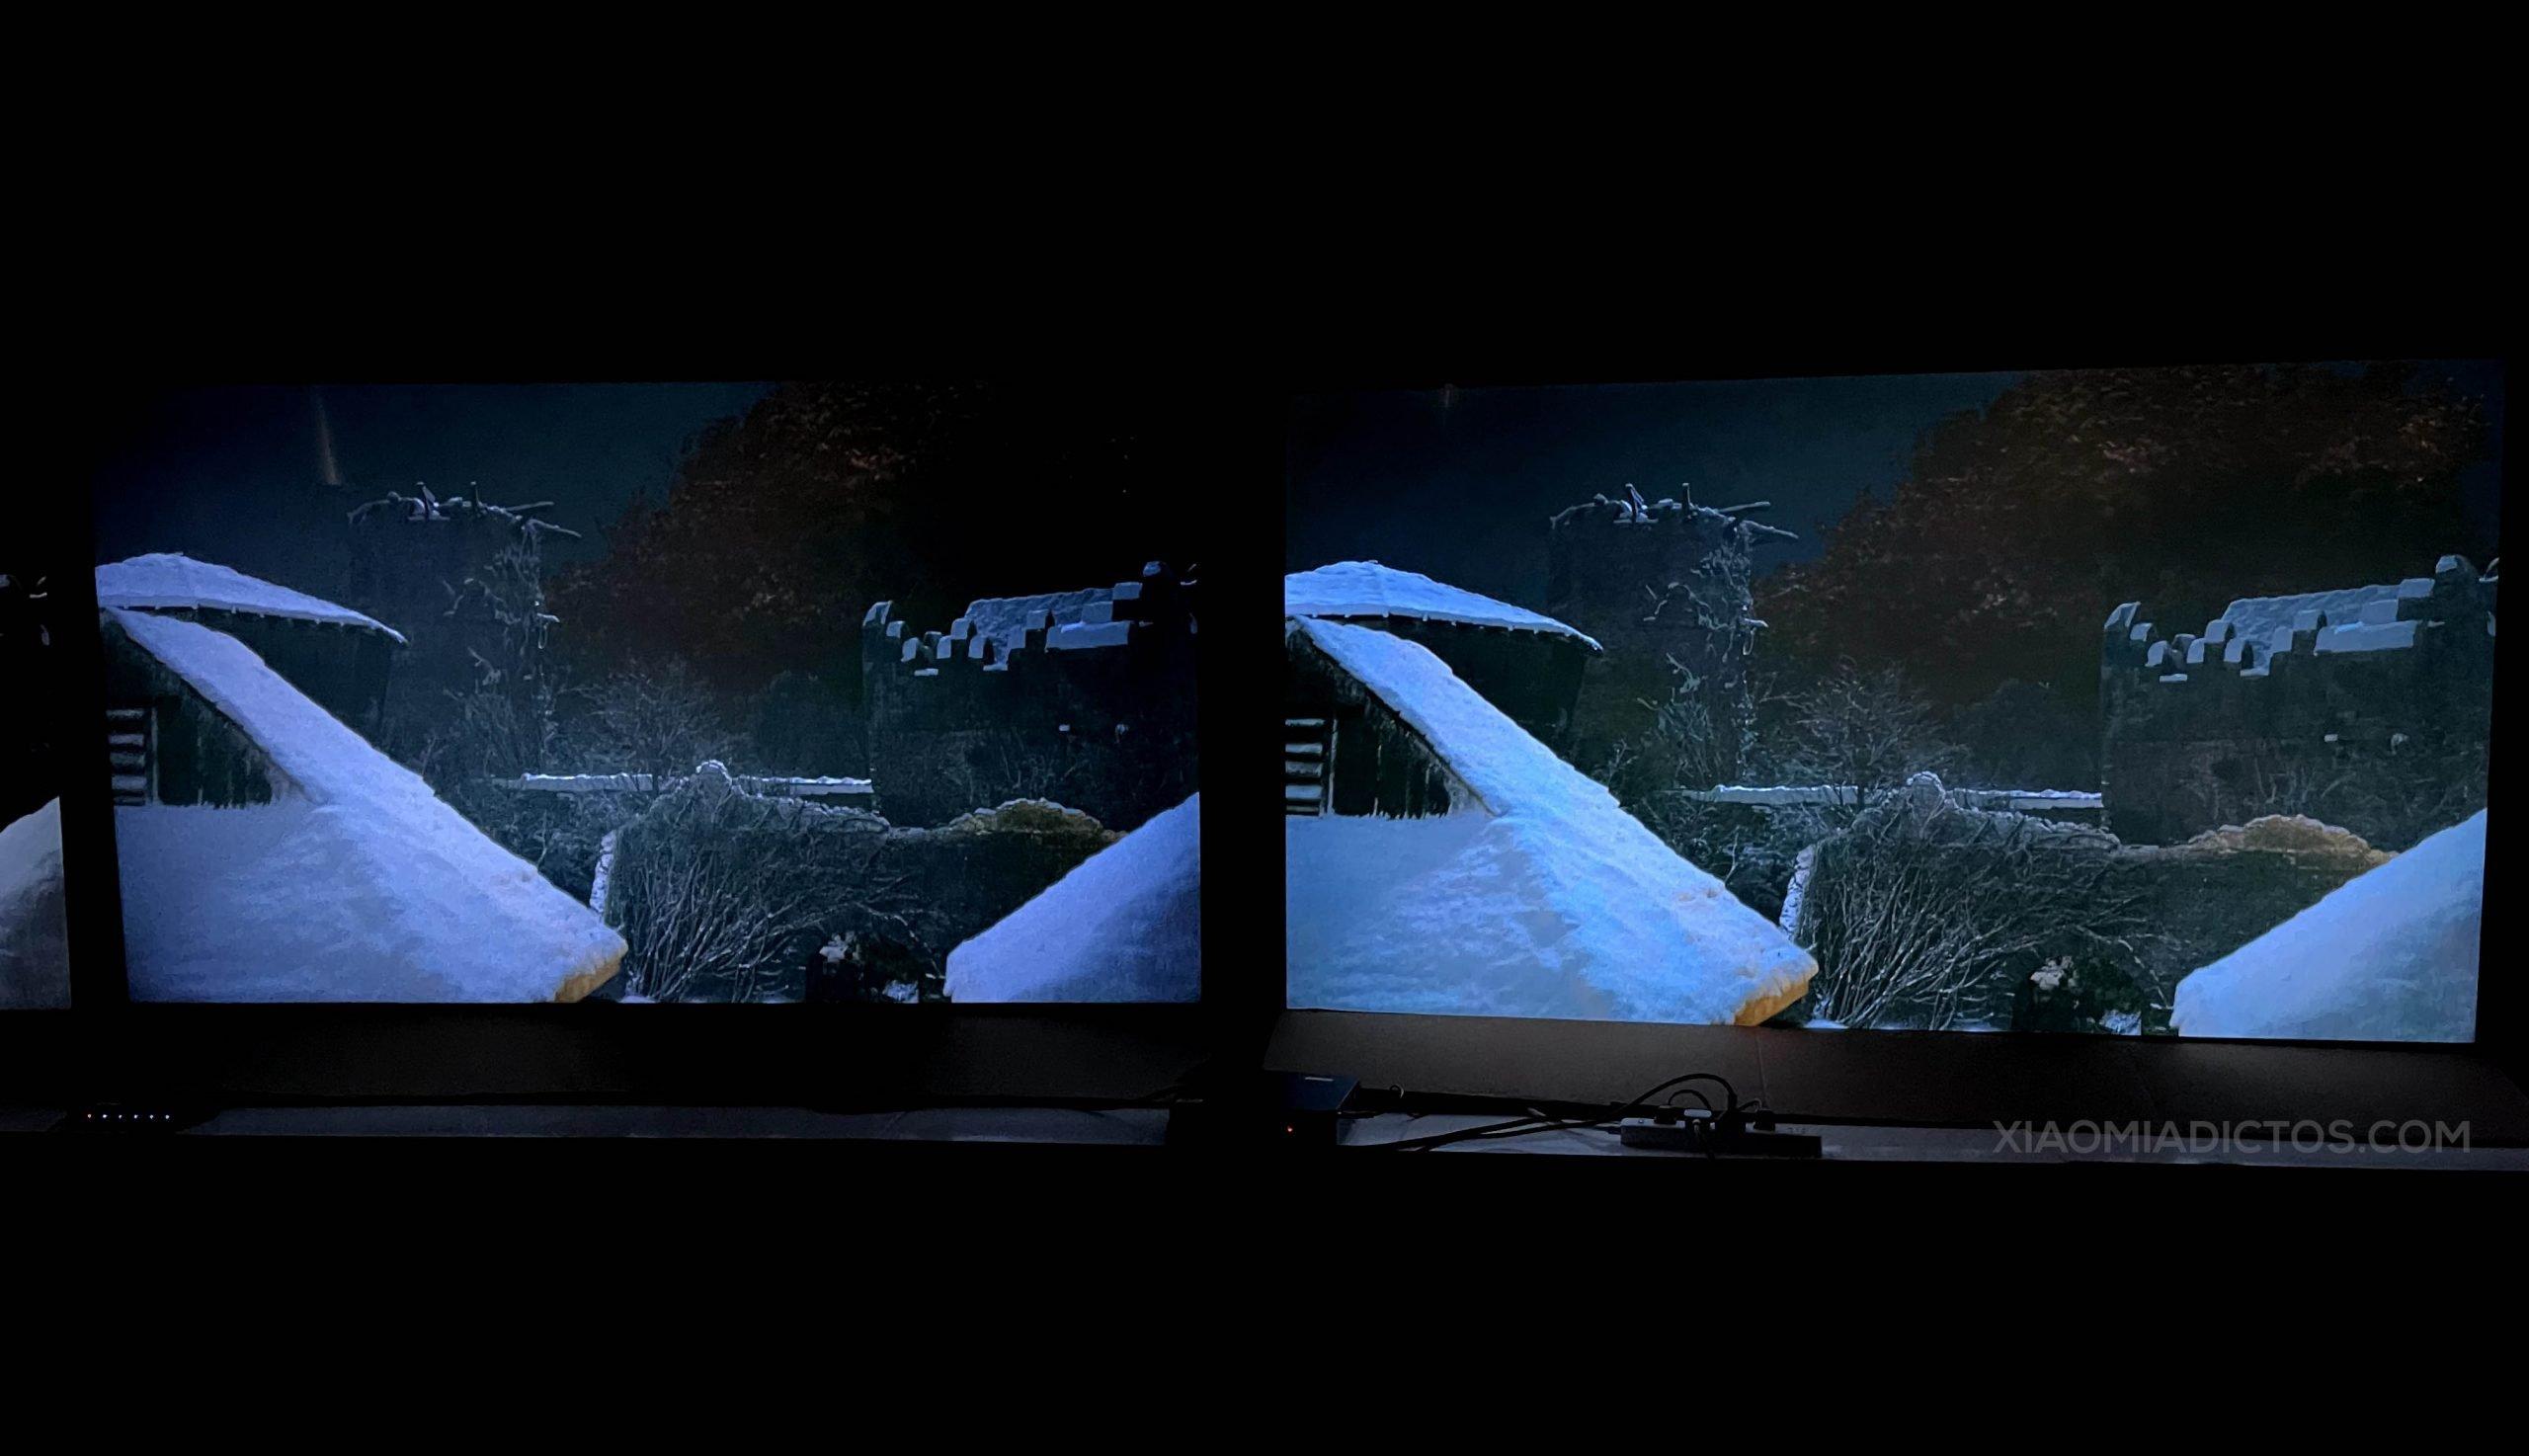 Los Xiaomi Mi TV 6 ya están de camino y contarán con una calidad de imagen excepcional. Noticias Xiaomi Adictos